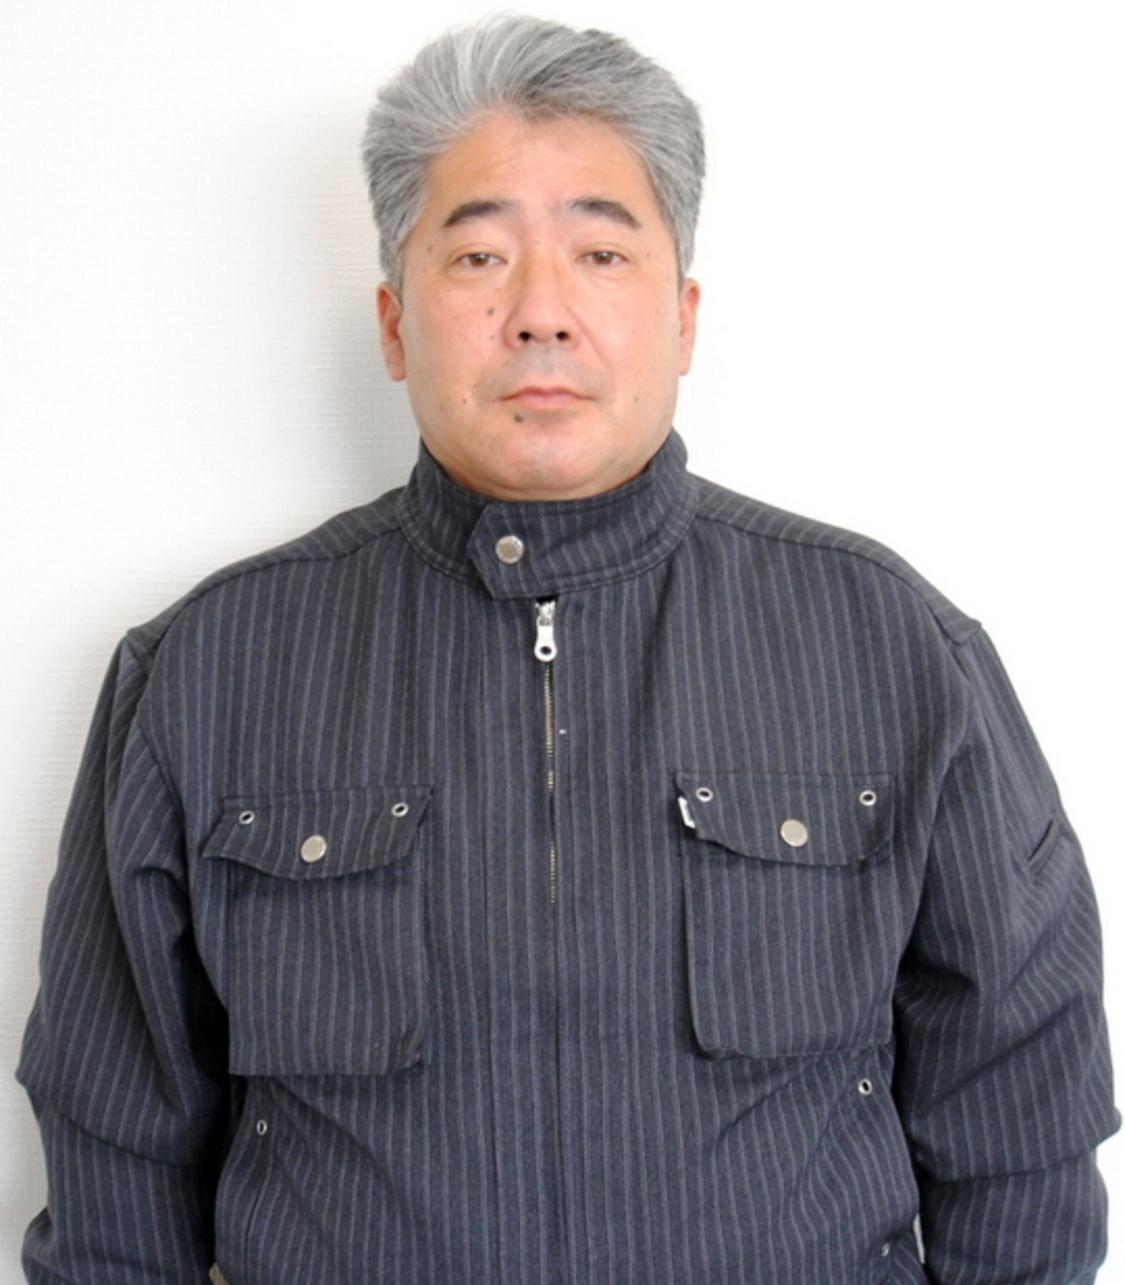 施工管理課 係長/牧野 巧宏